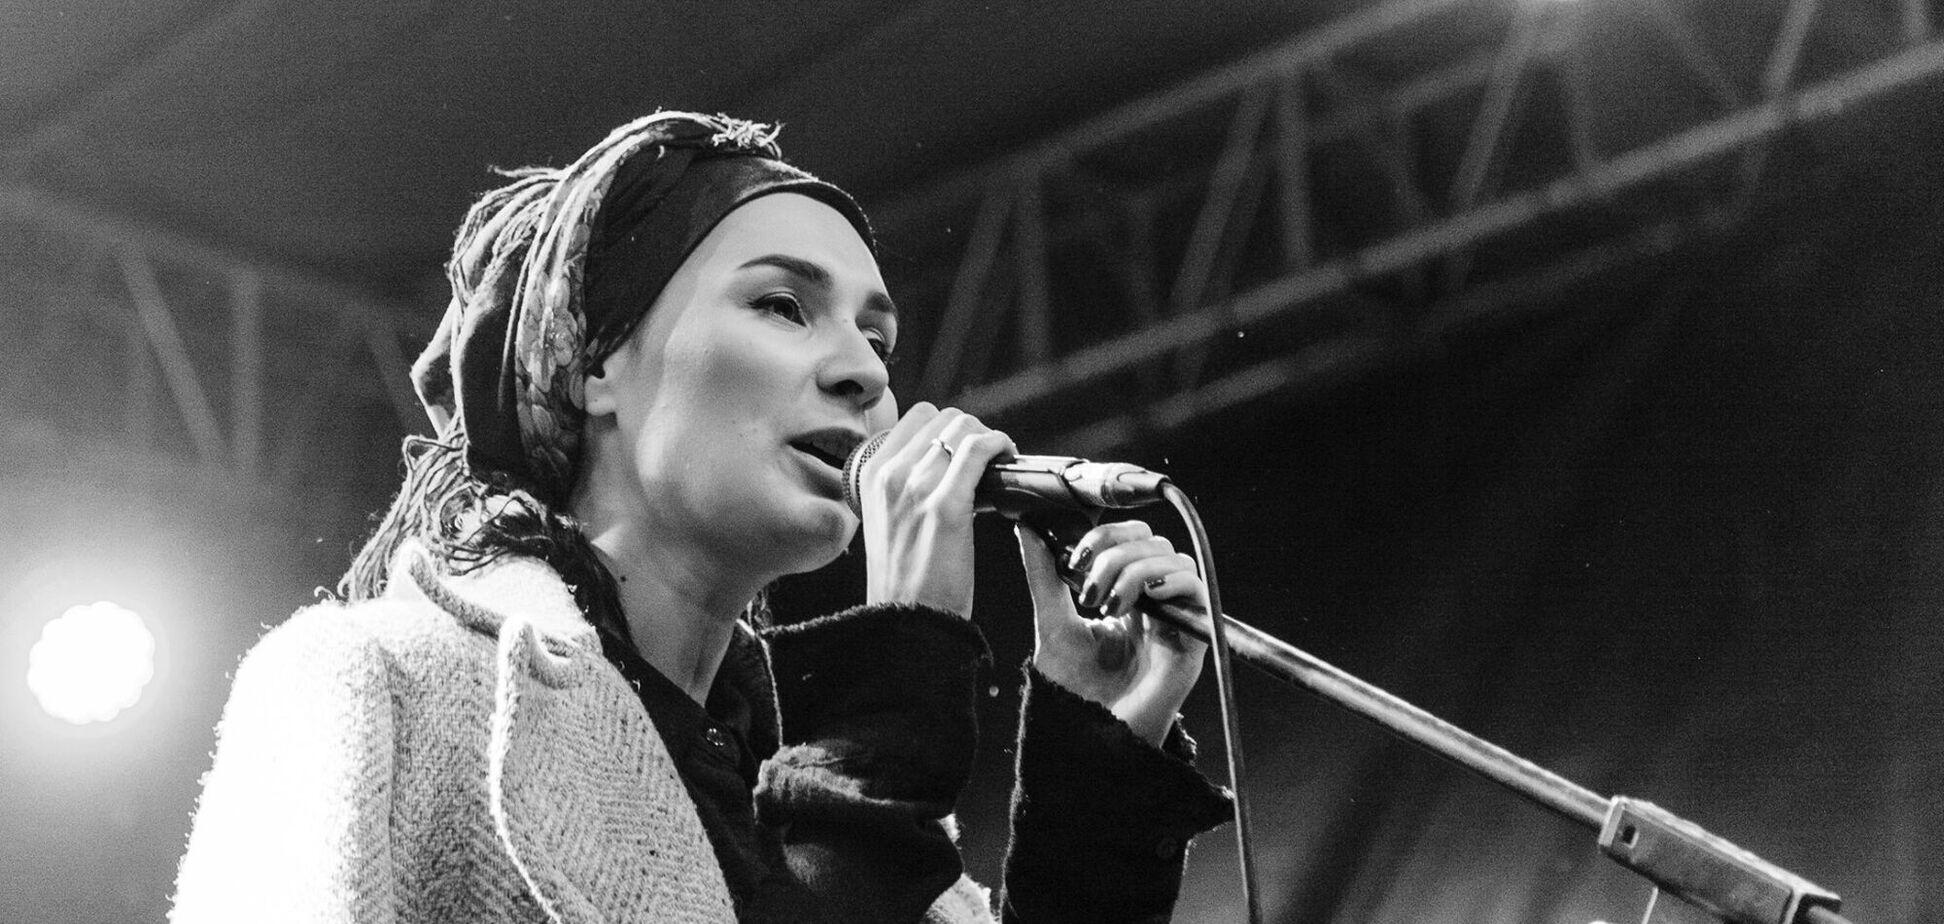 Музыкальная группа 'Крихітка' впервые за год даст концерт в Киеве: где смотреть